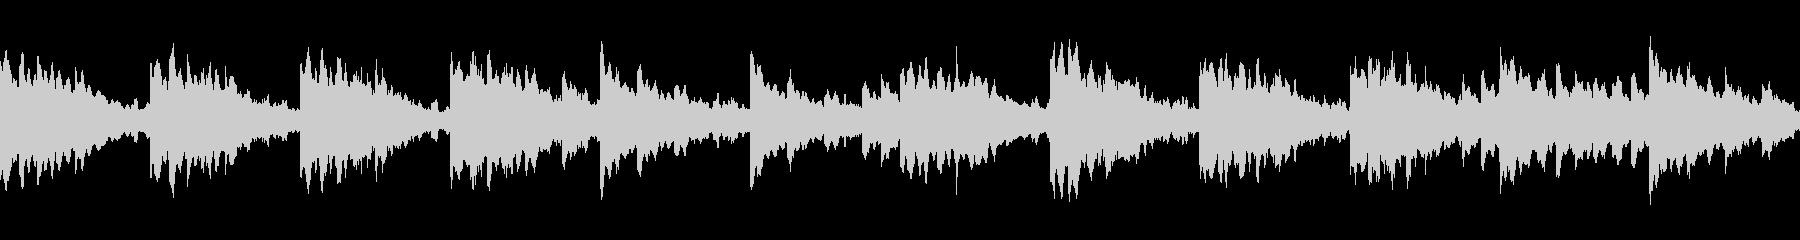 ループ仕様の癒されるヒーリングBGMの未再生の波形